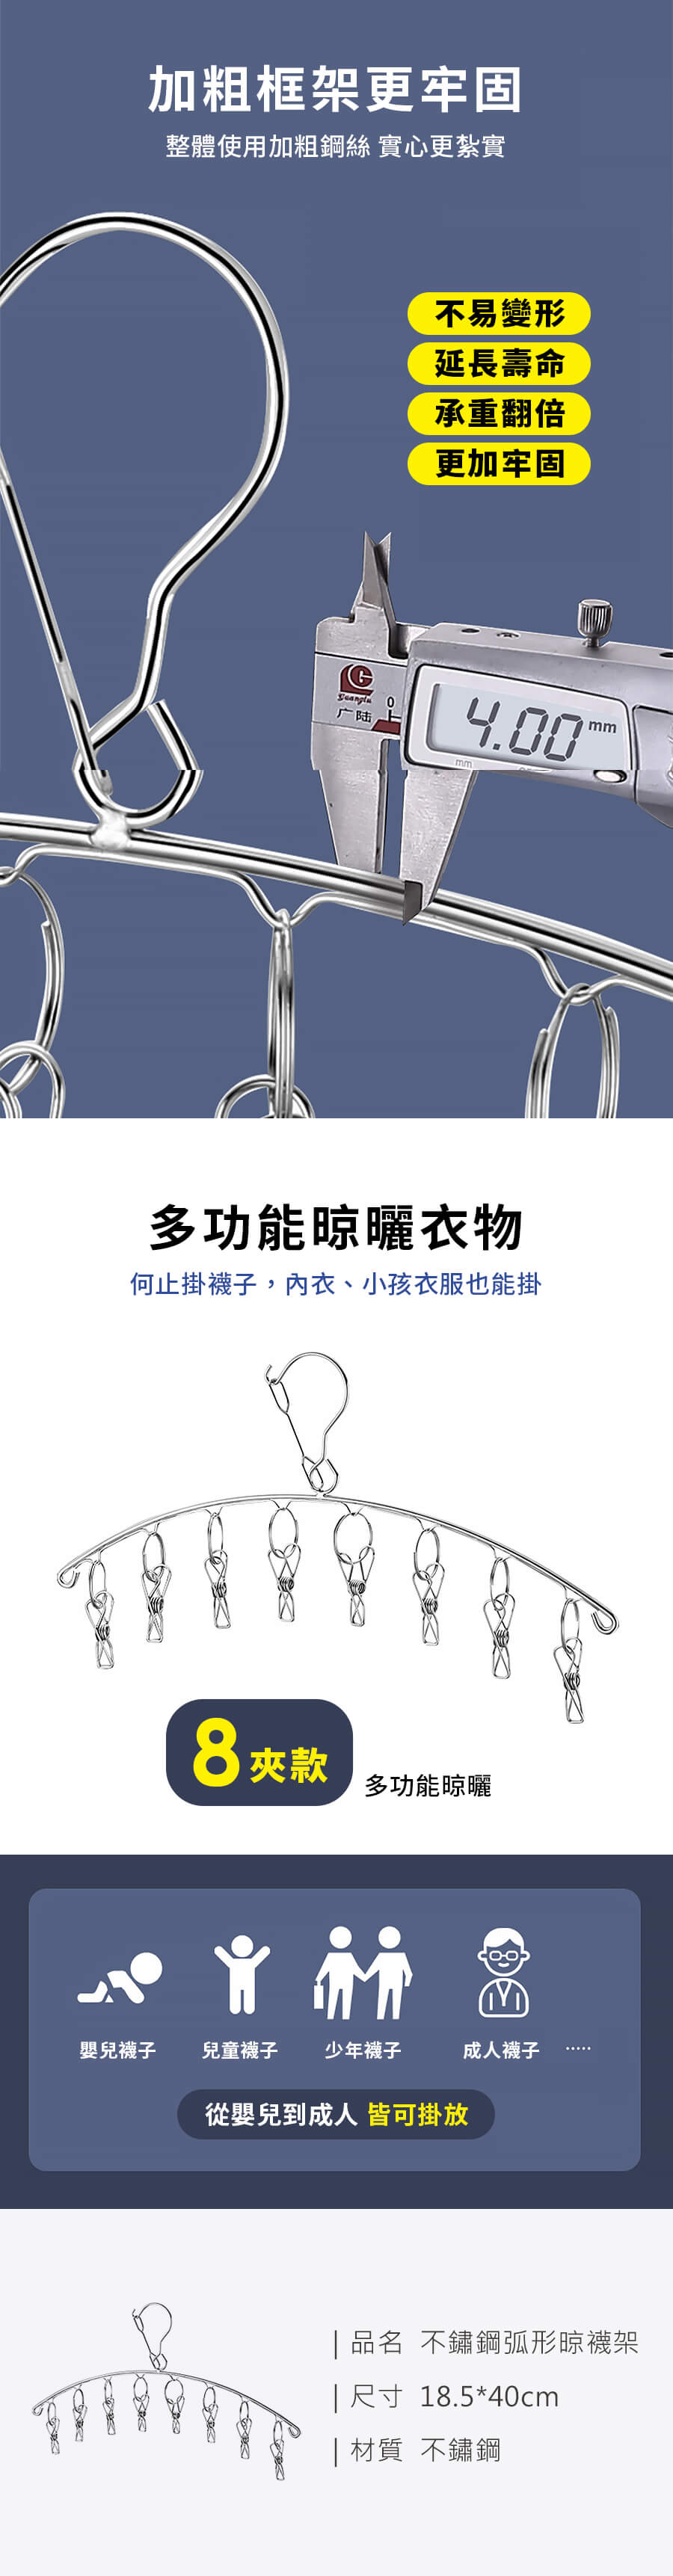 不鏽鋼弧形晾襪架_PDP_20210223_2.jpg